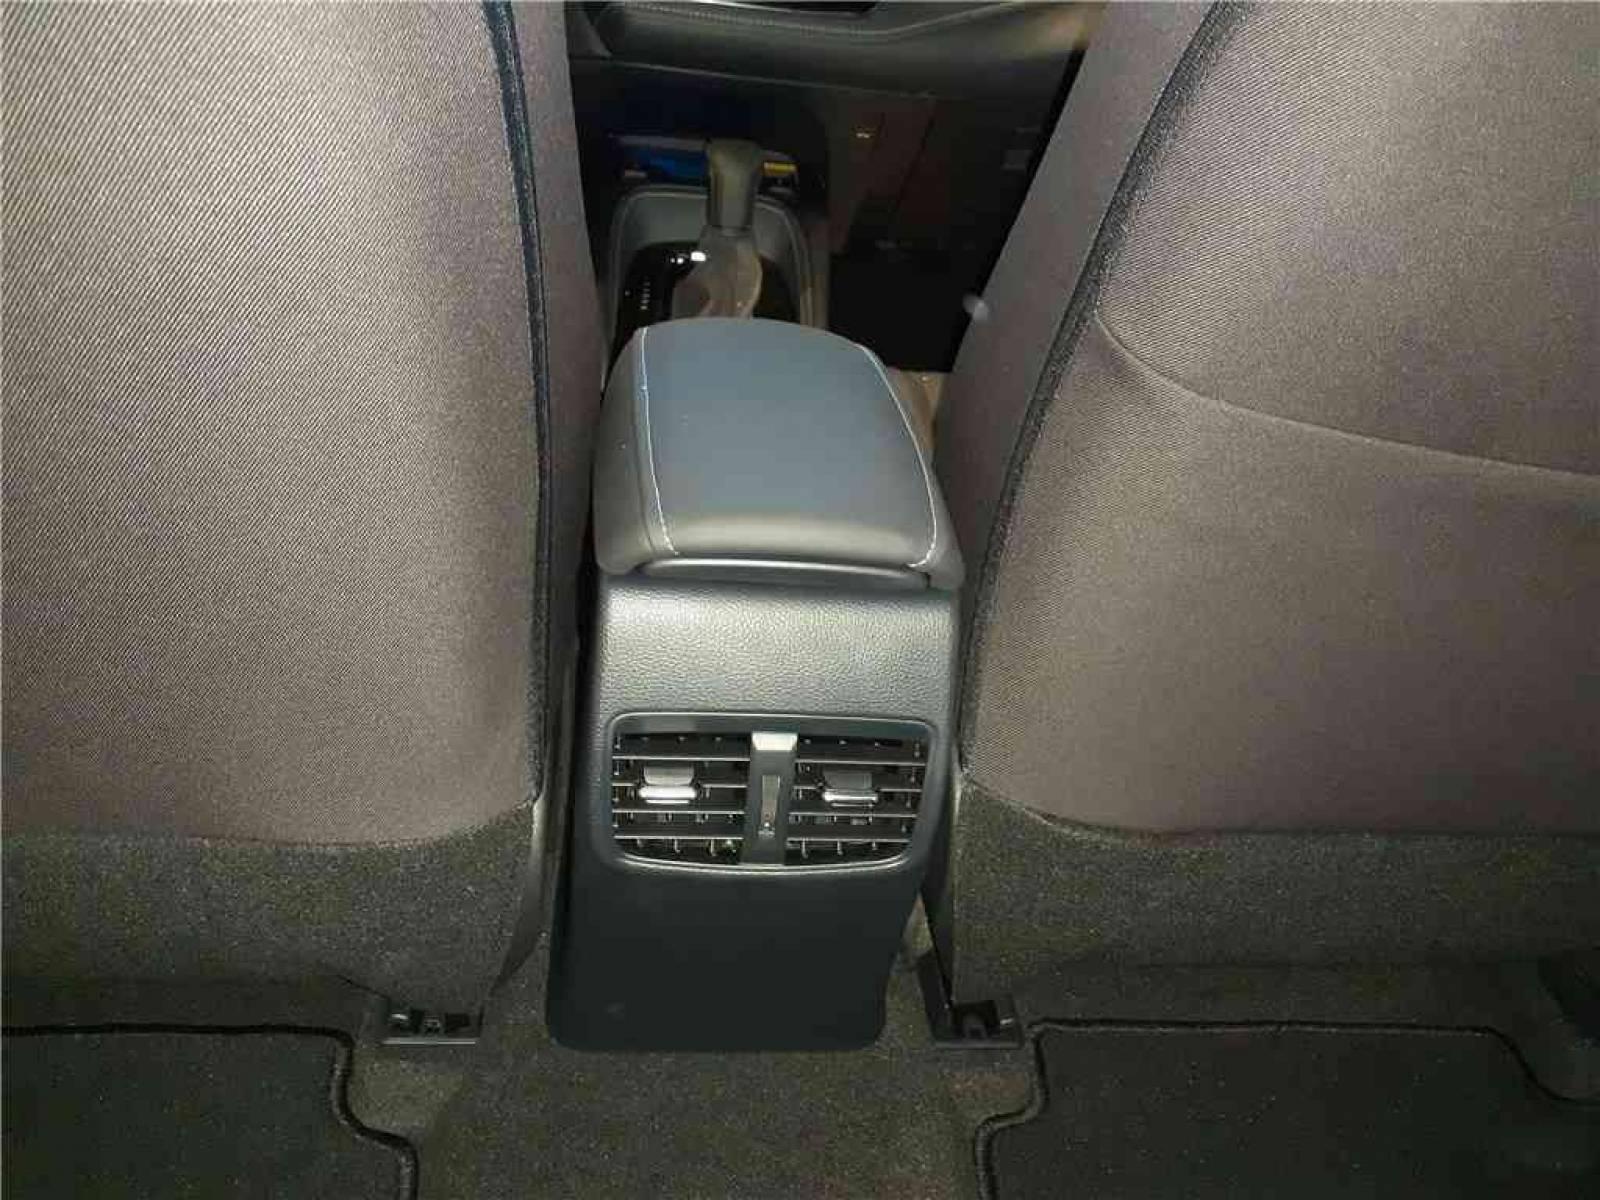 SUZUKI Swace 1.8 Hybrid - véhicule d'occasion - Groupe Guillet - Hall de l'automobile - Chalon sur Saône - 71380 - Saint-Marcel - 25